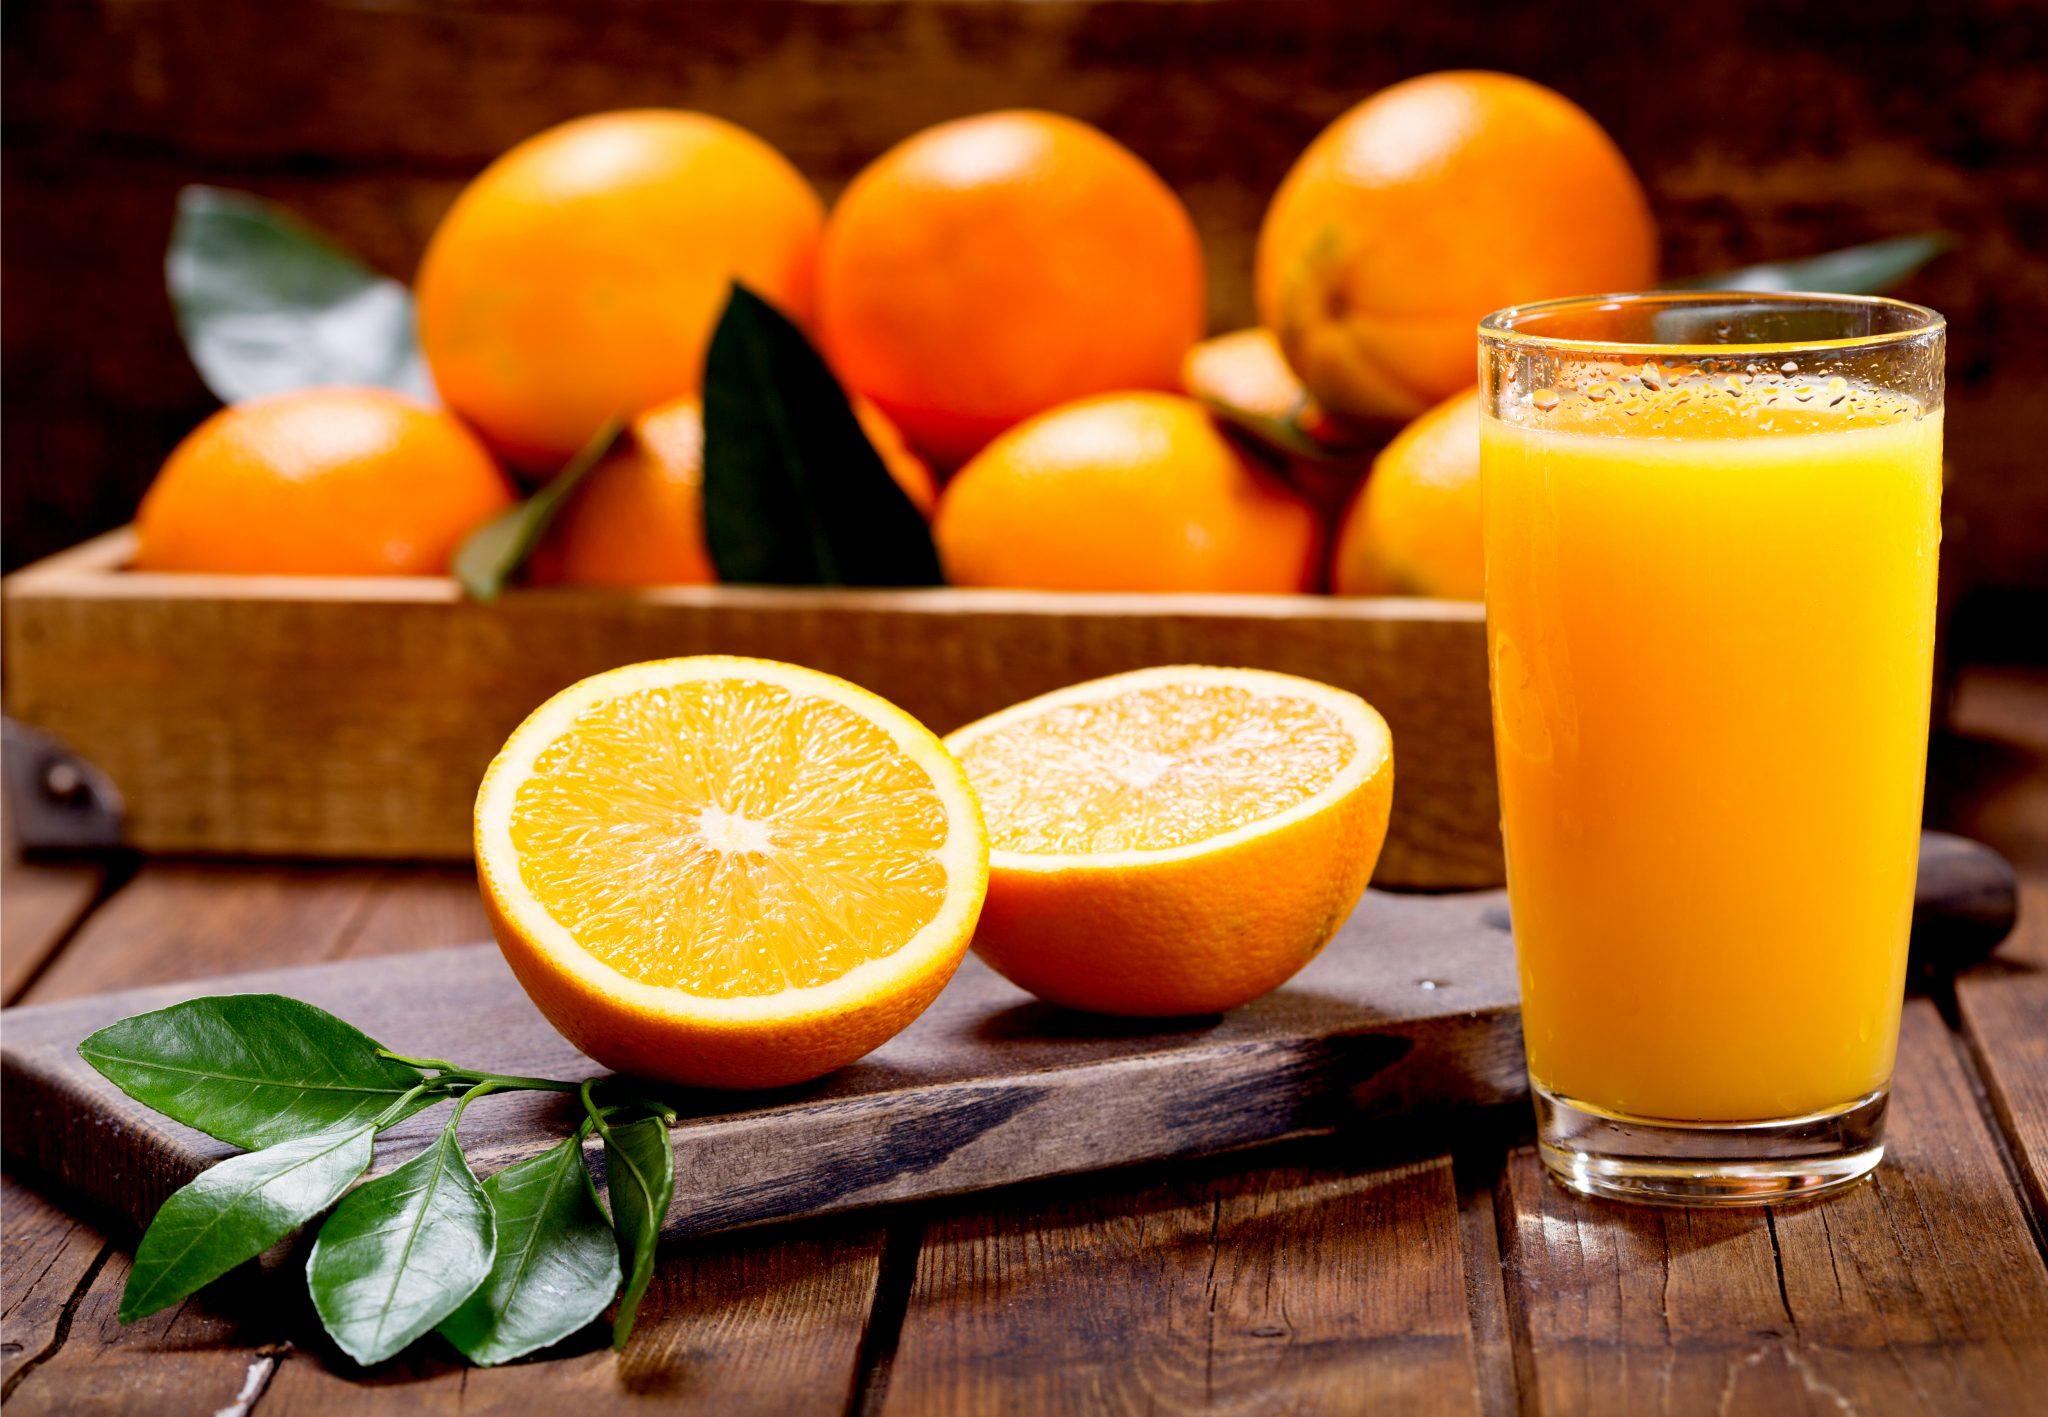 生のオレンジと搾りたてのオレンジジュース